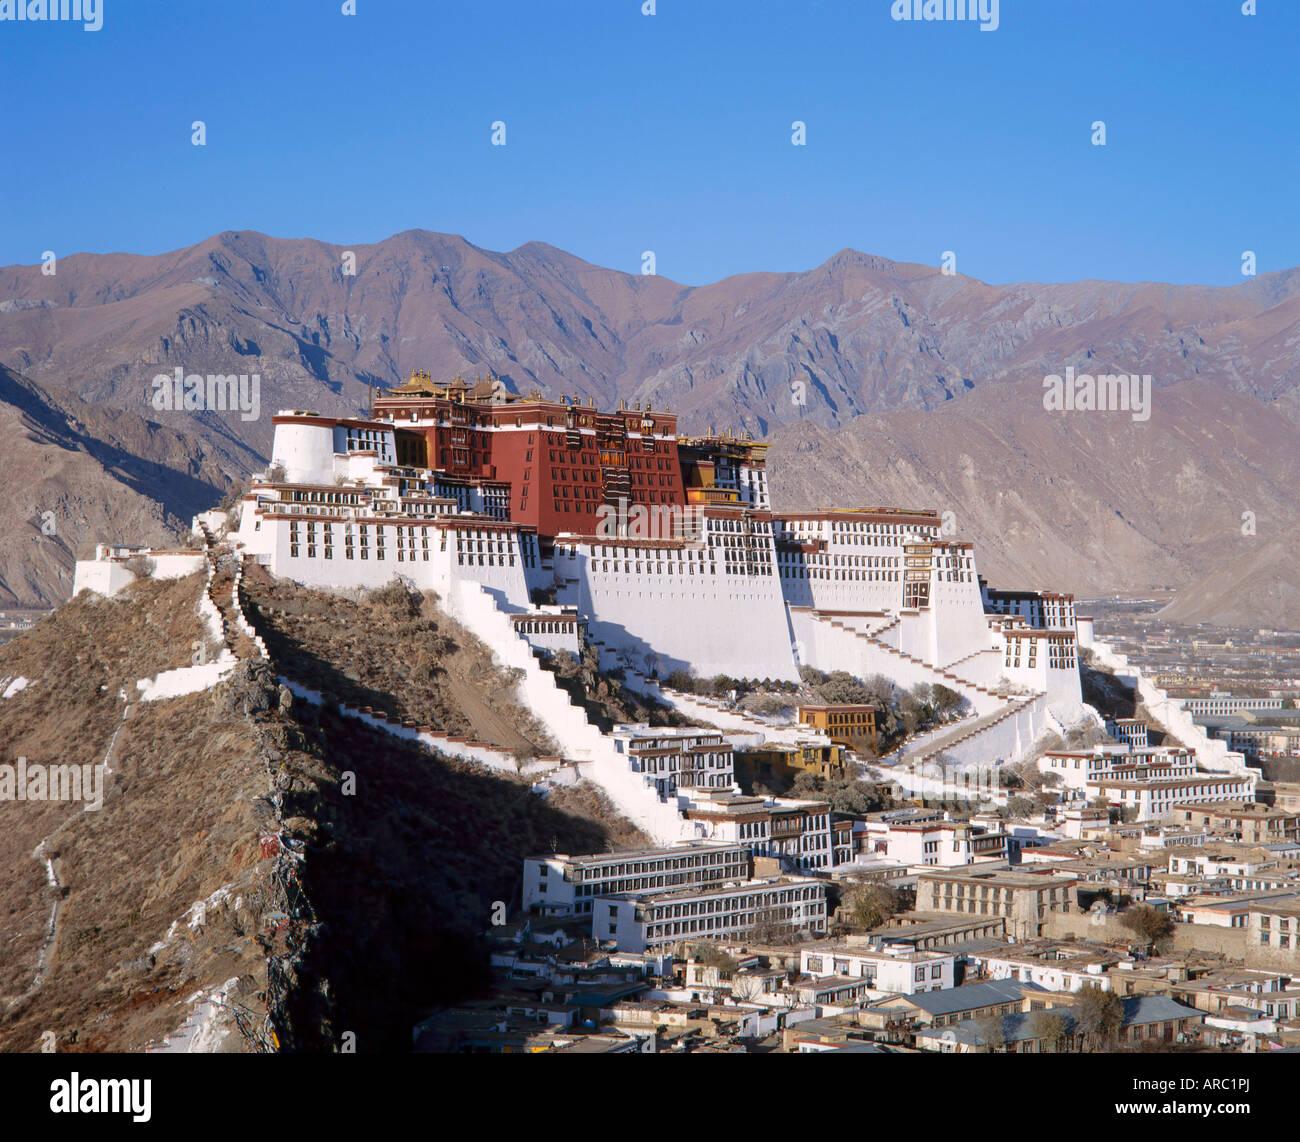 Il palazzo del Potala, ex residenza del Dalai Lama a Lhasa, in Tibet, Asia Immagini Stock